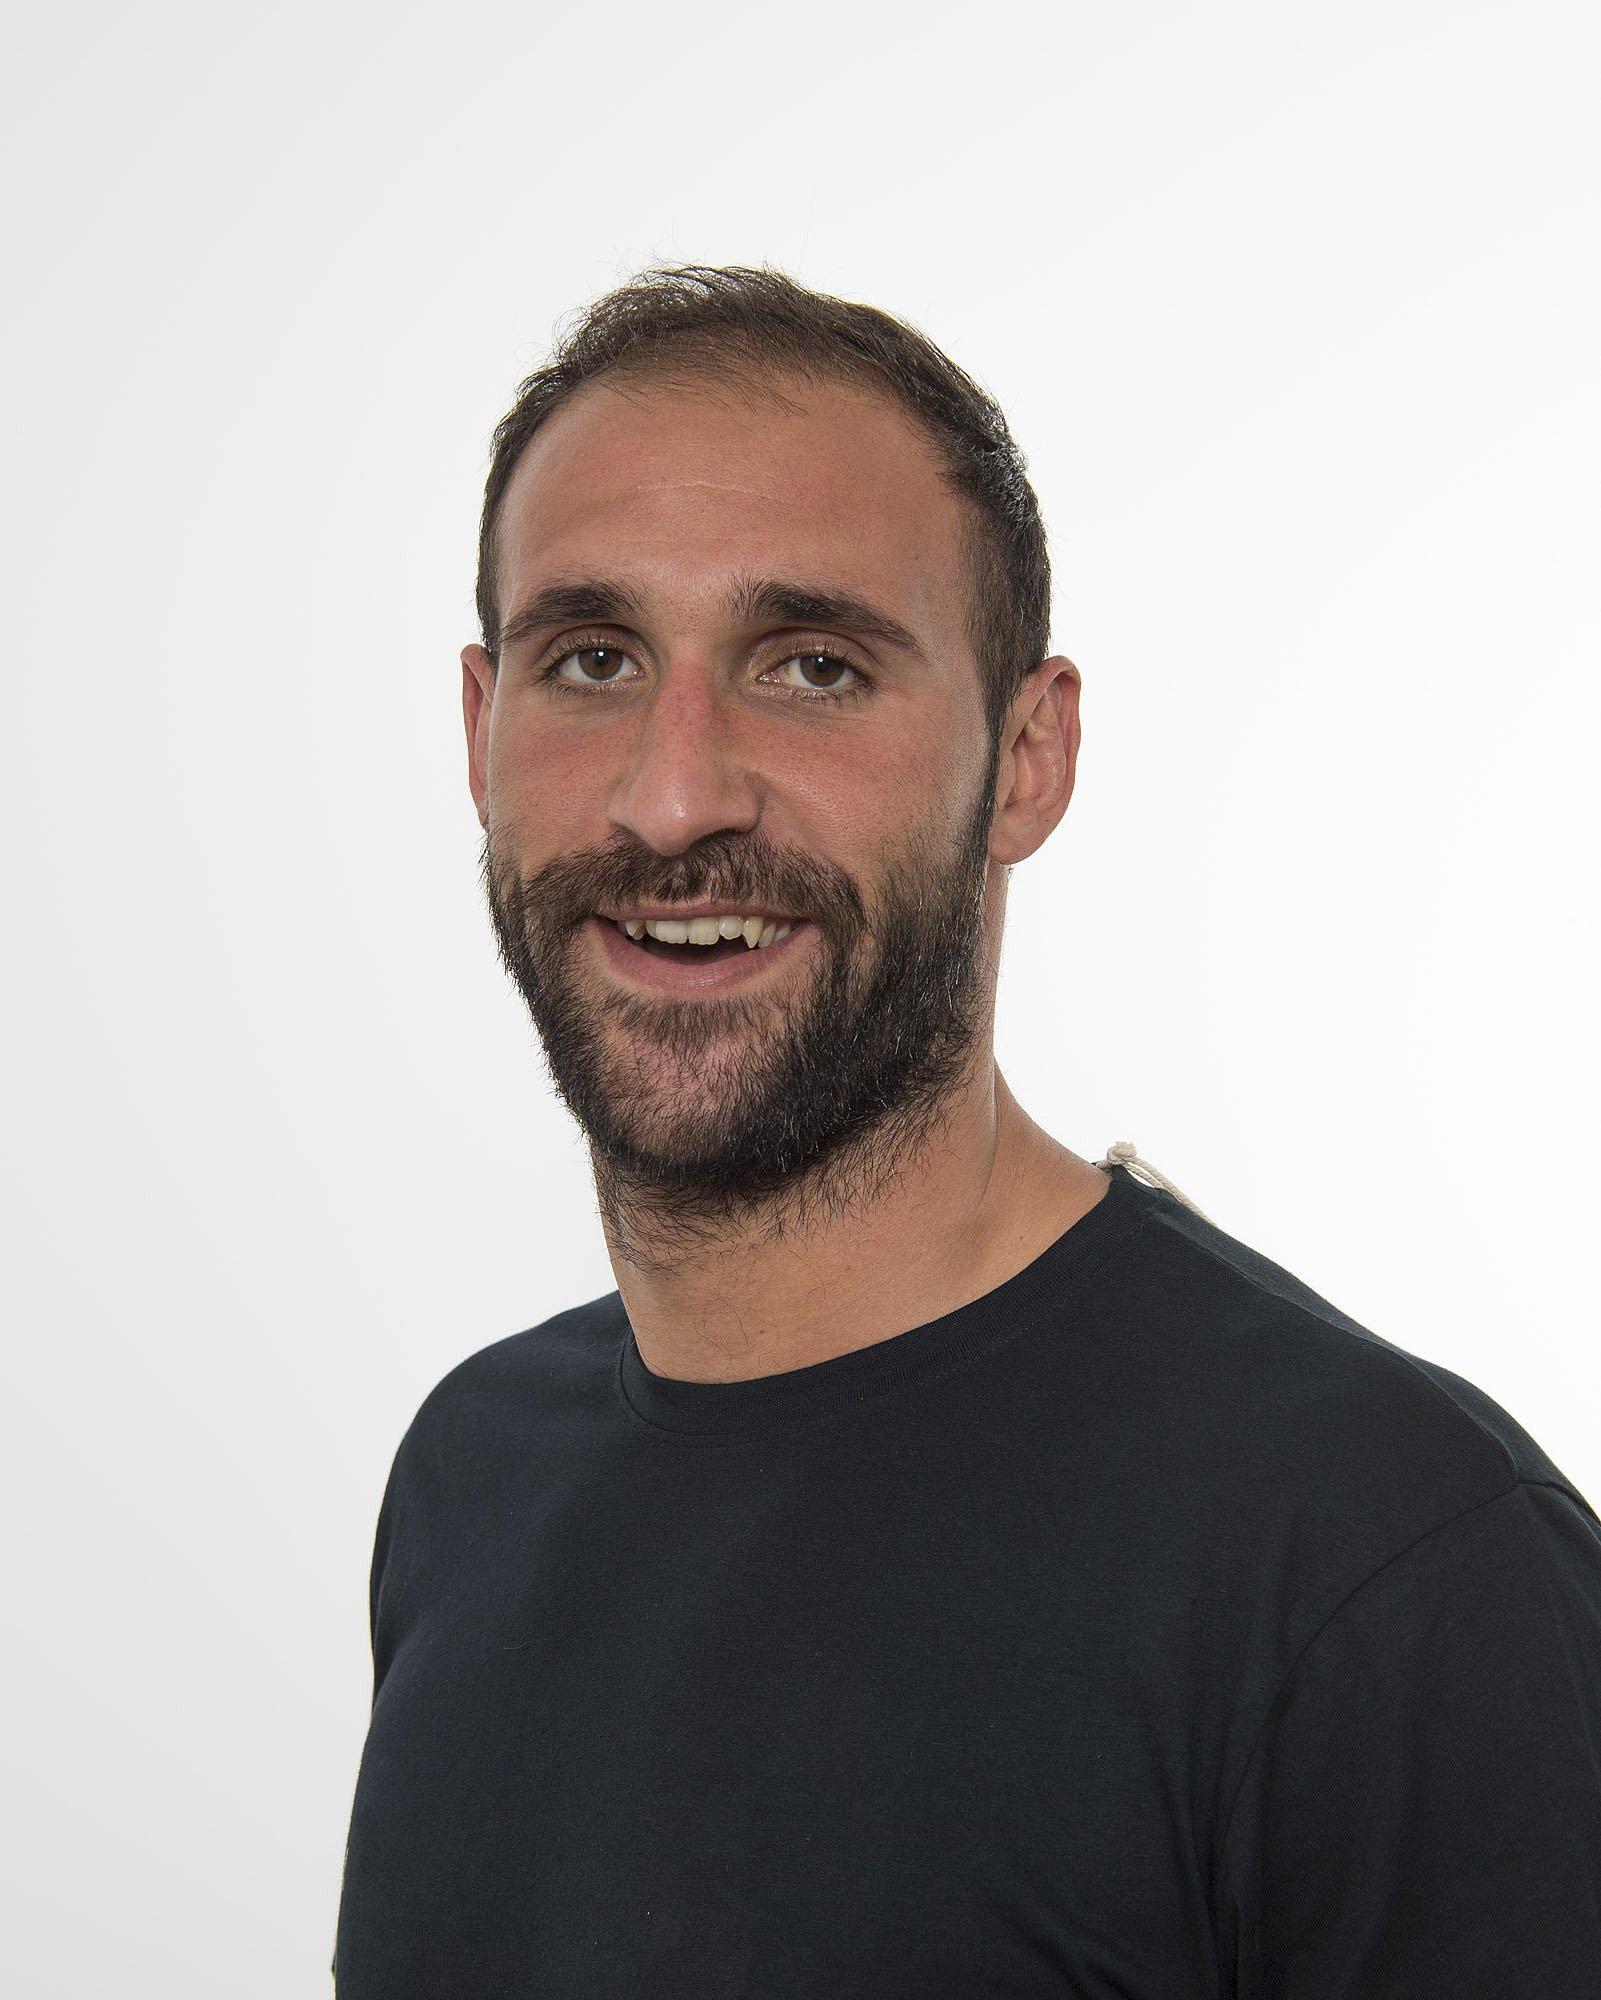 George Torakis